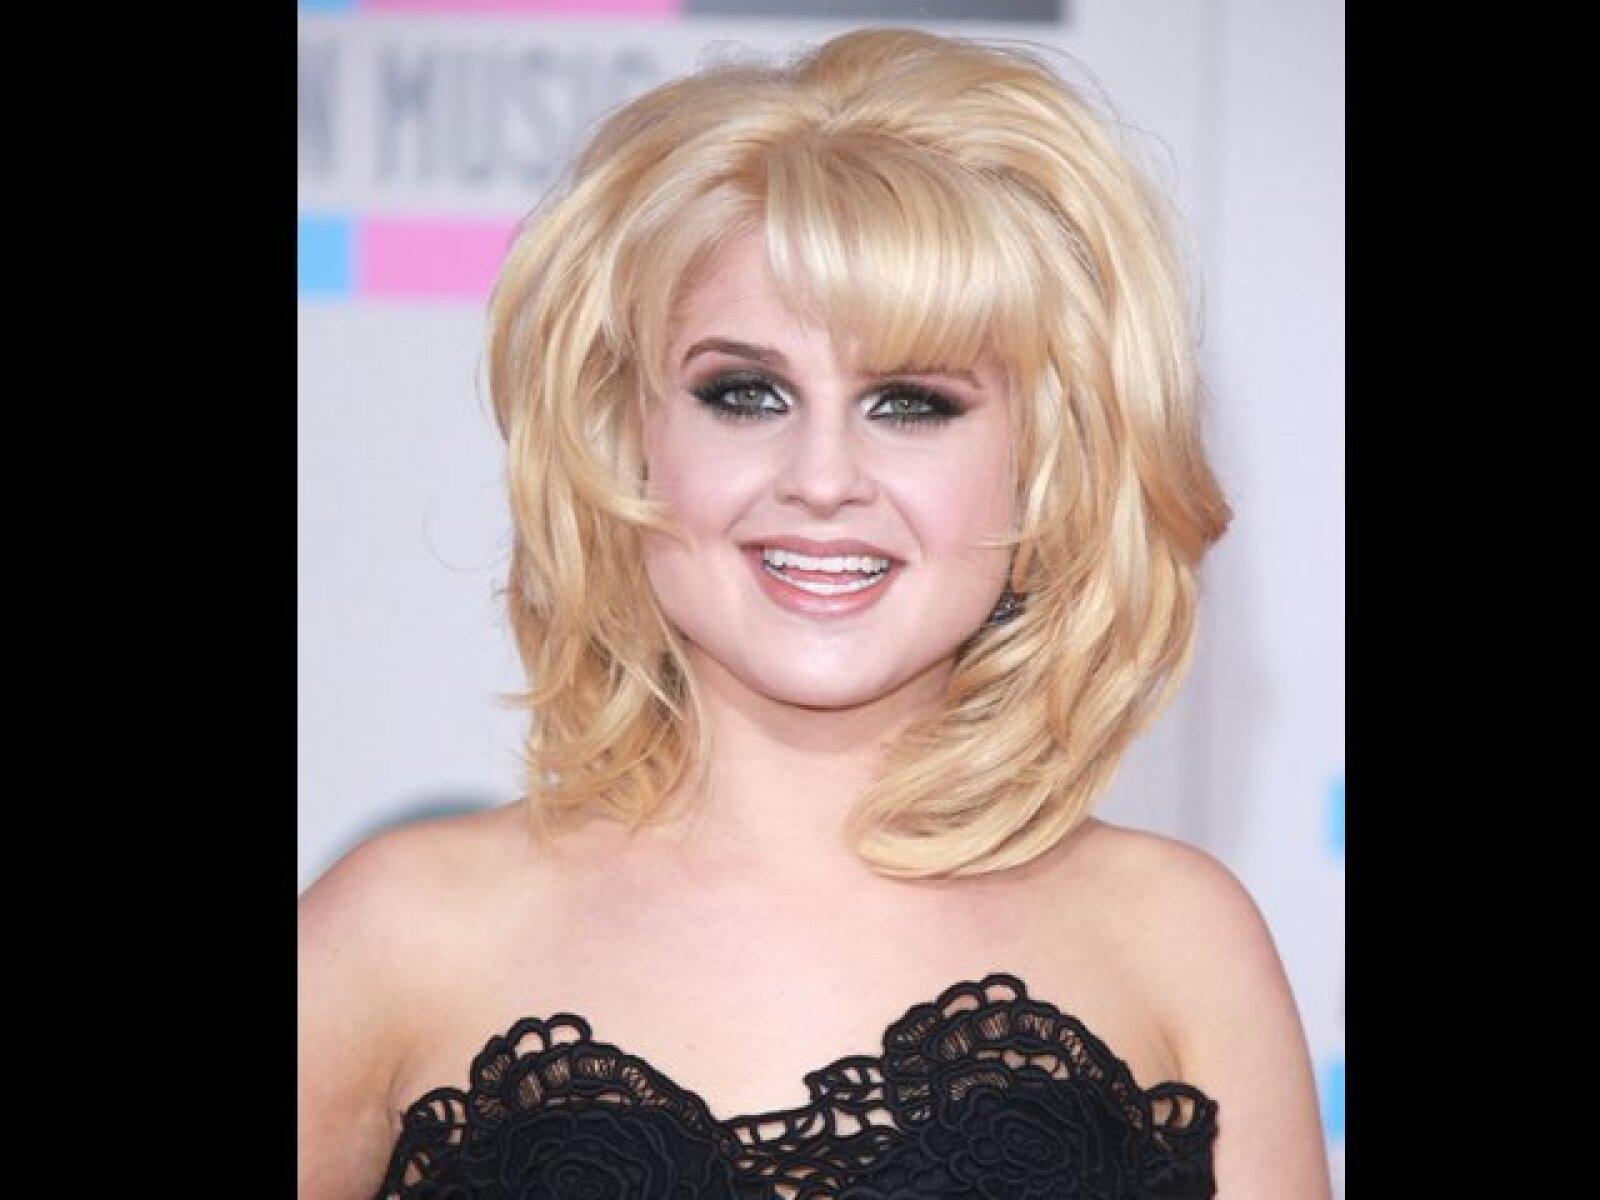 La hija del rockero Ozzy Osbourne, Kelly le dio una cachetada a una periodista en un club de Londres.